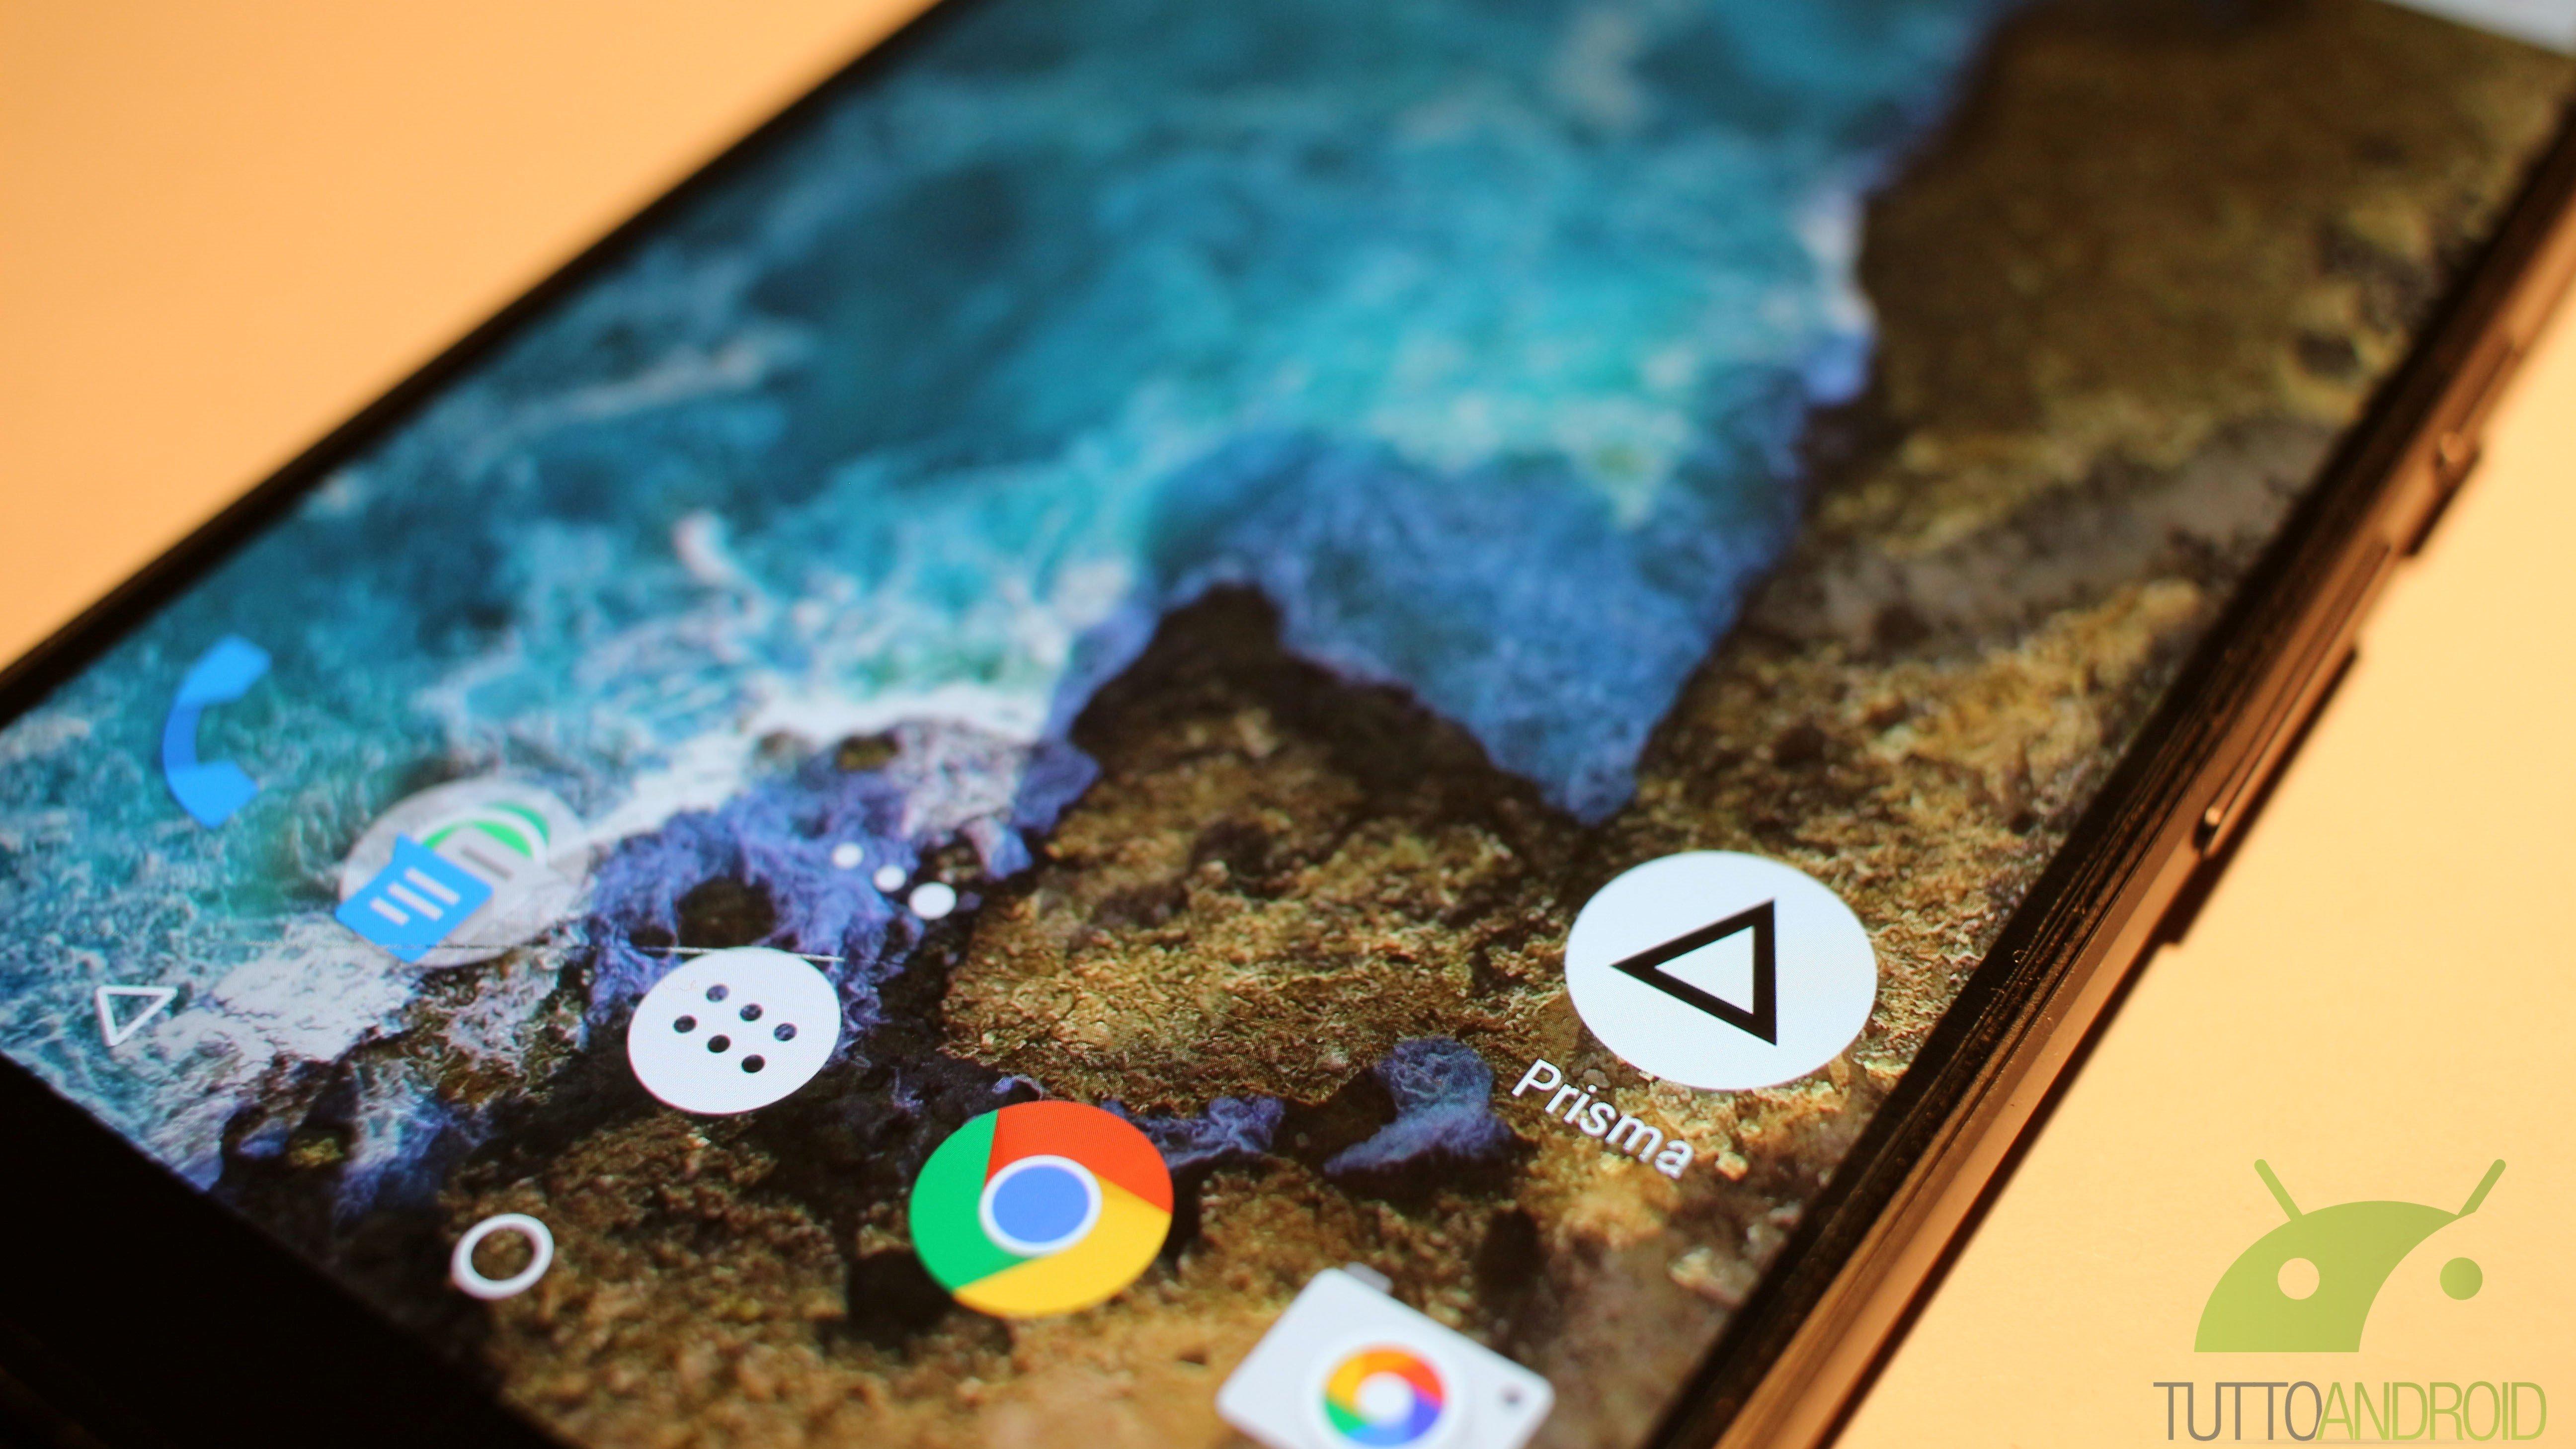 Su Android ci sono app Prisma contenenti virus